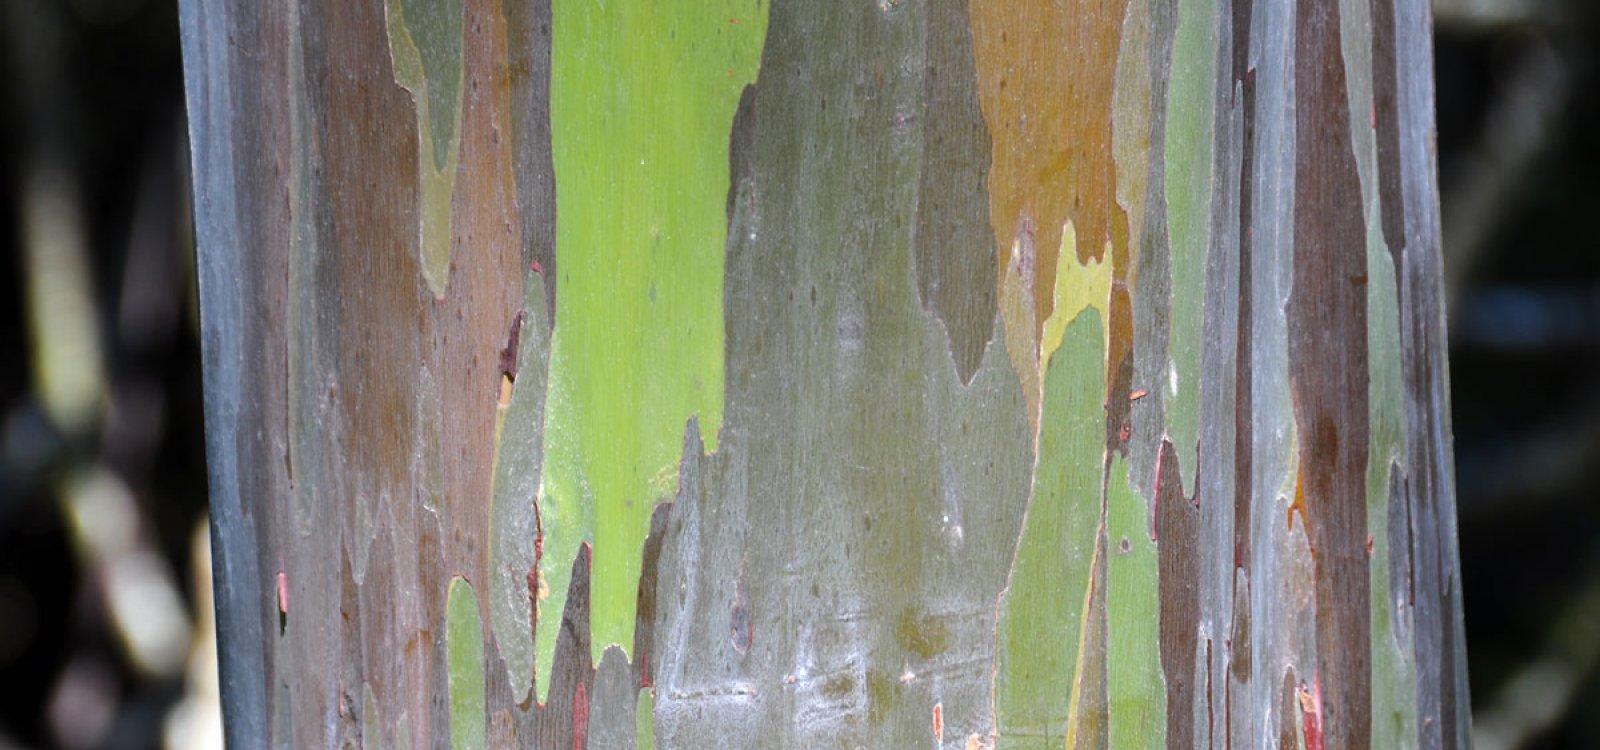 Painted Bark Eucalyptus Trees | Maui Hawaii